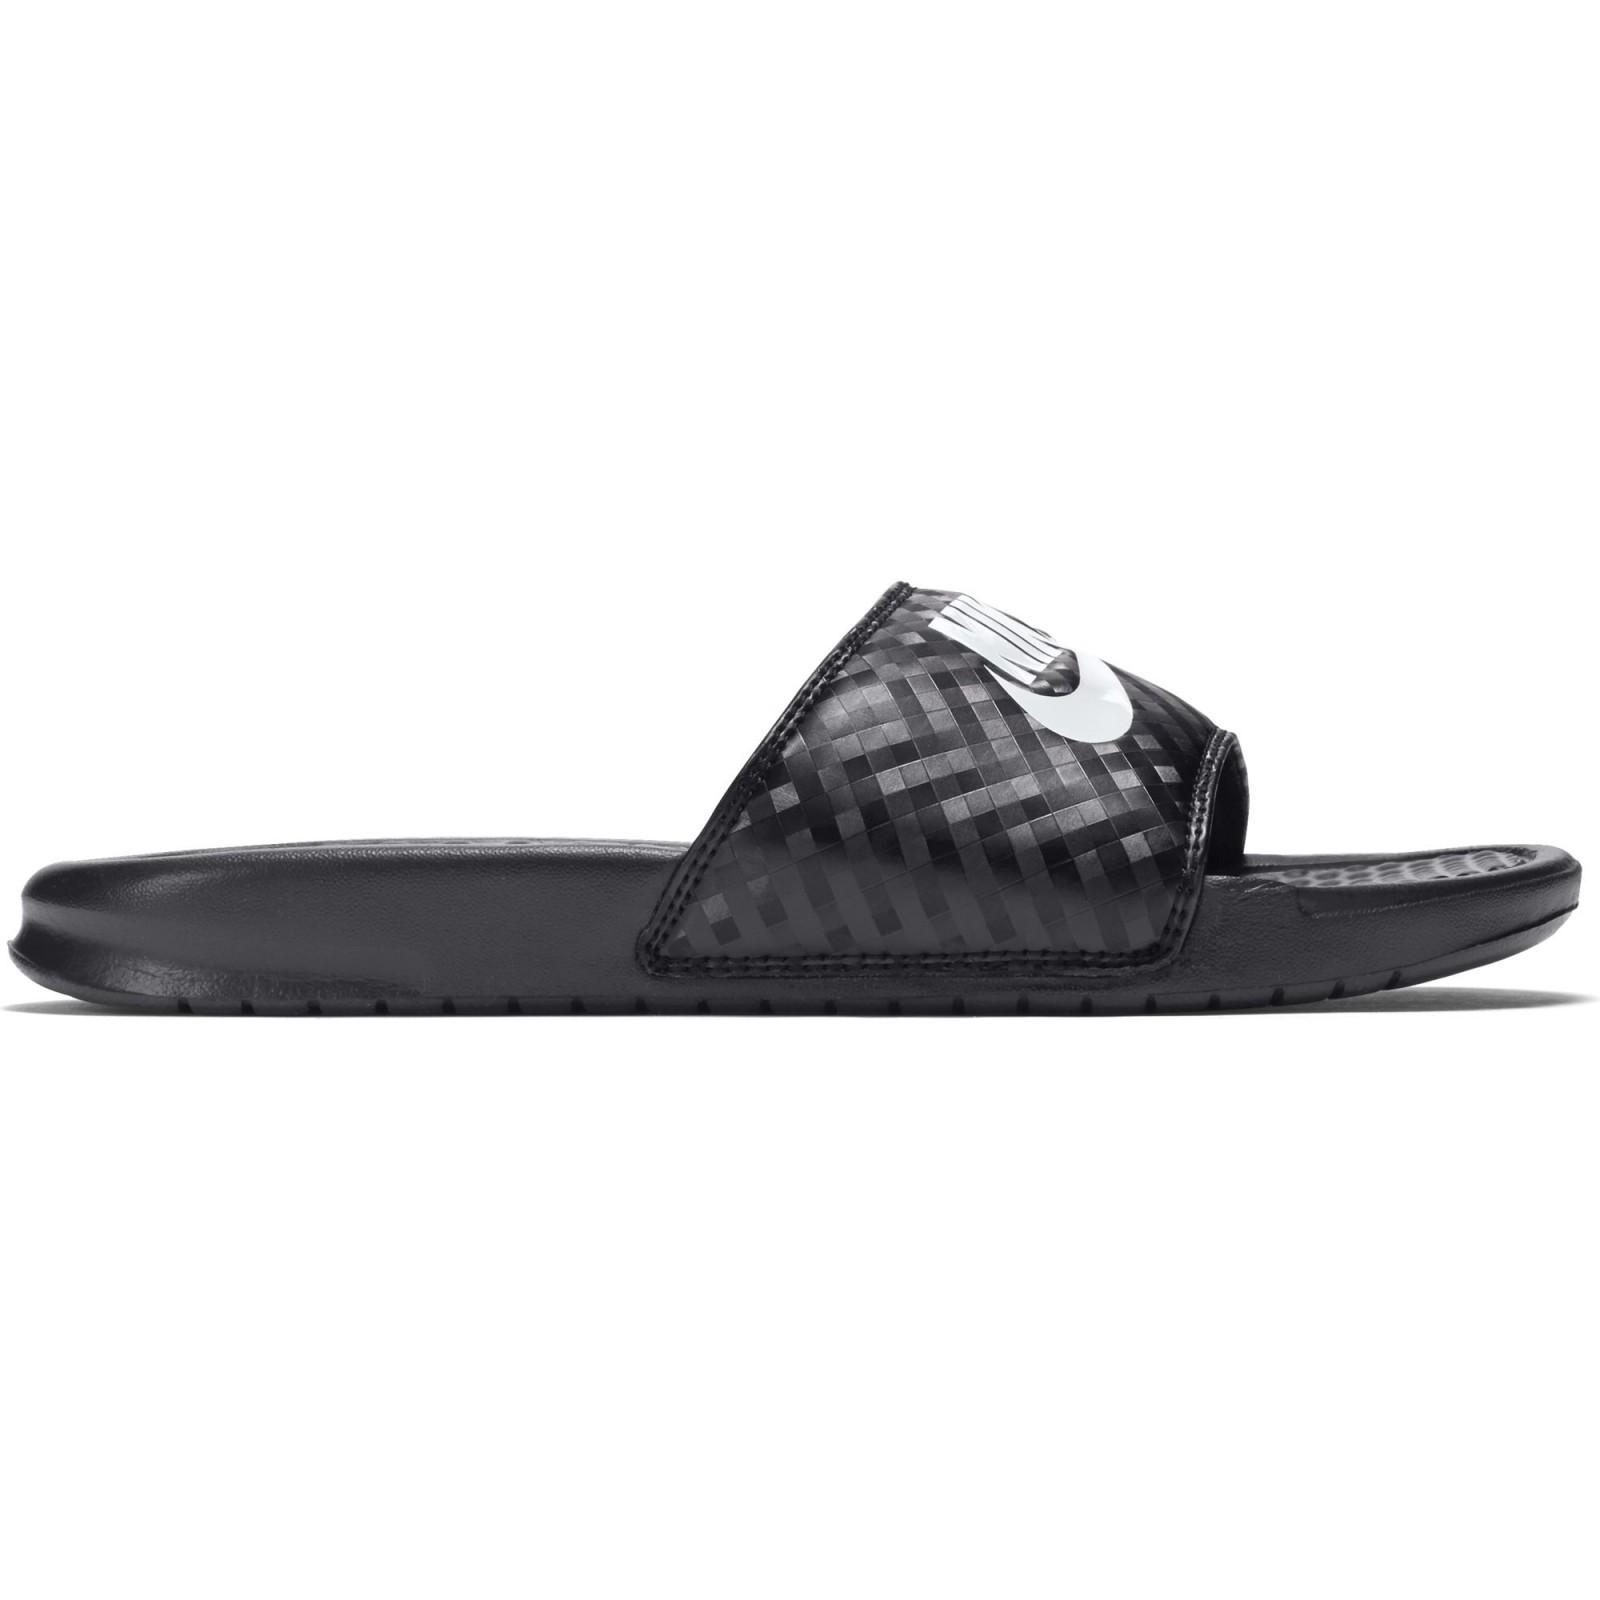 Ópera crédito simultáneo  Nike Benassi Chanclas Mujer 343881 011|Comprar Nike Benassi Negras Mejor  Precio